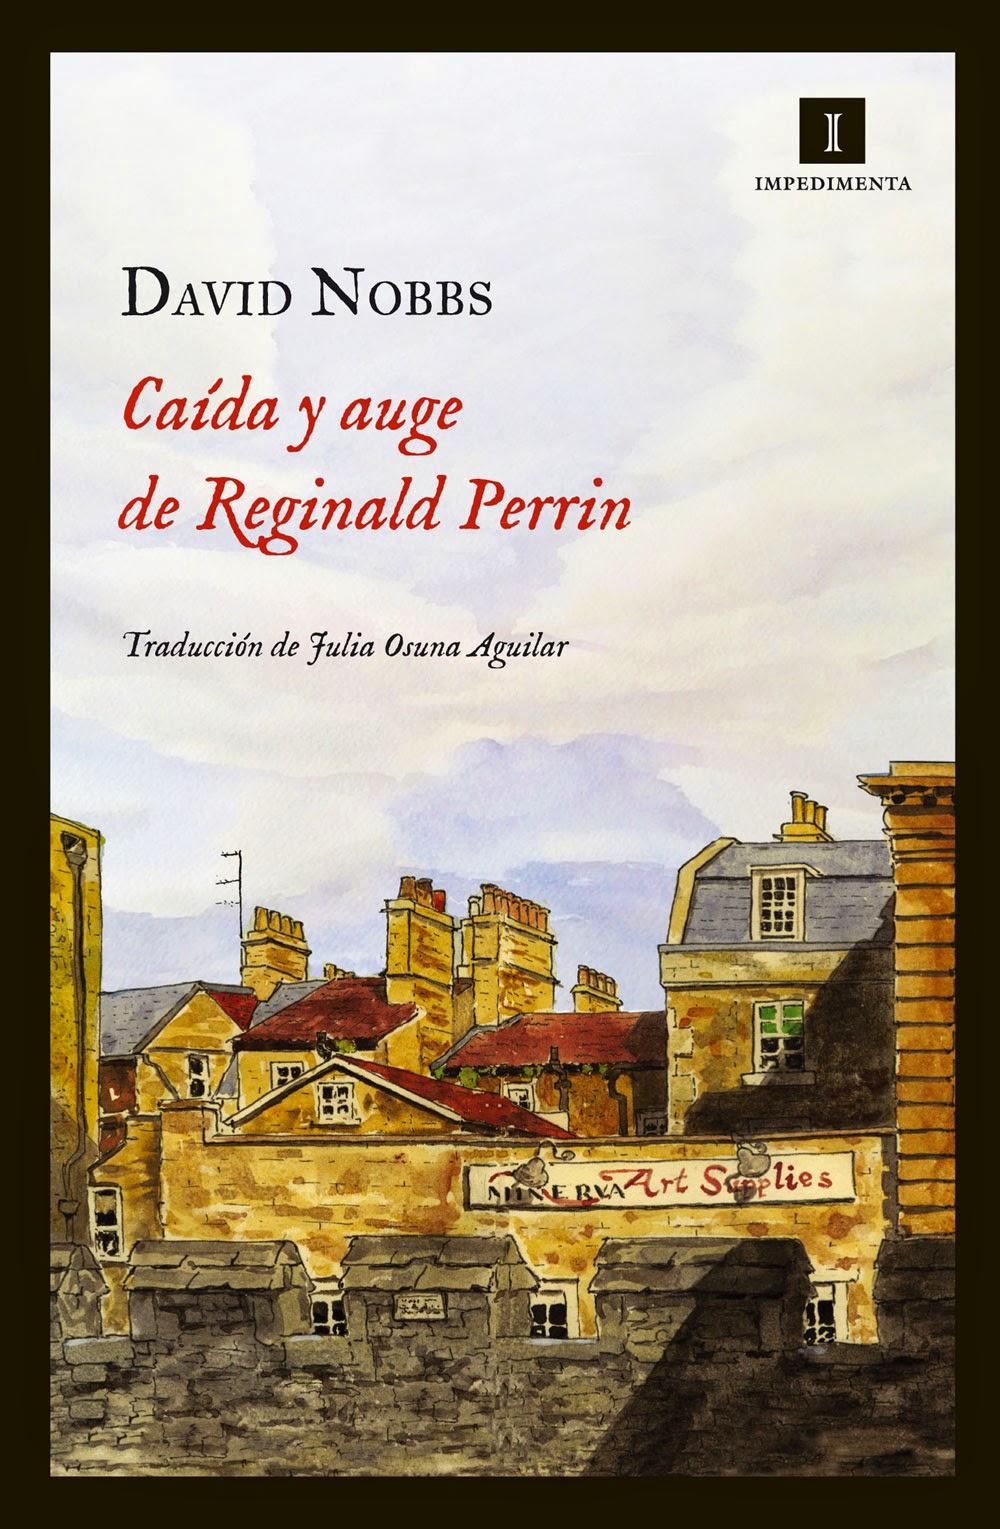 """Coberta del llibre """"Caída y auge de Reginald Perrin"""" de David Nobbs"""